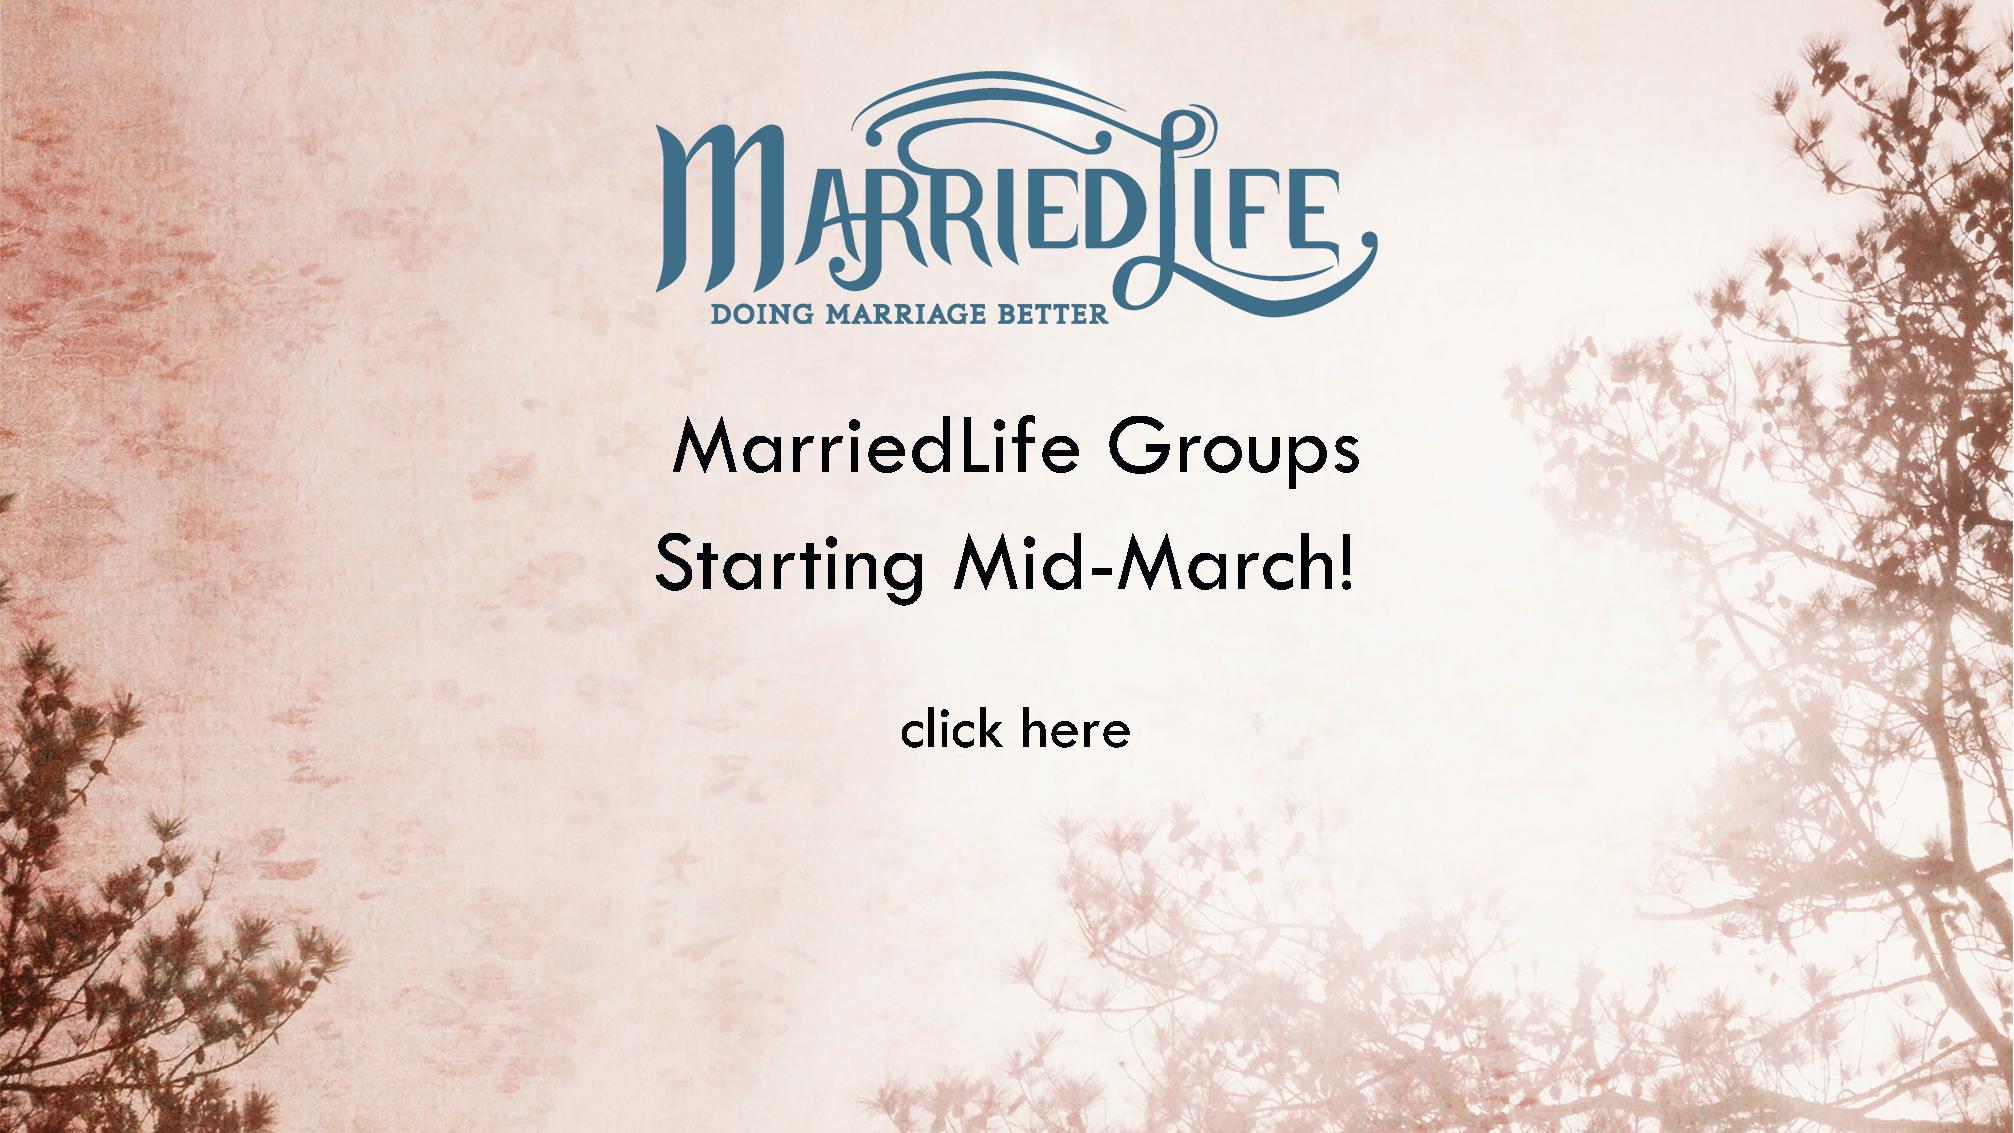 web-slider-marriedlife